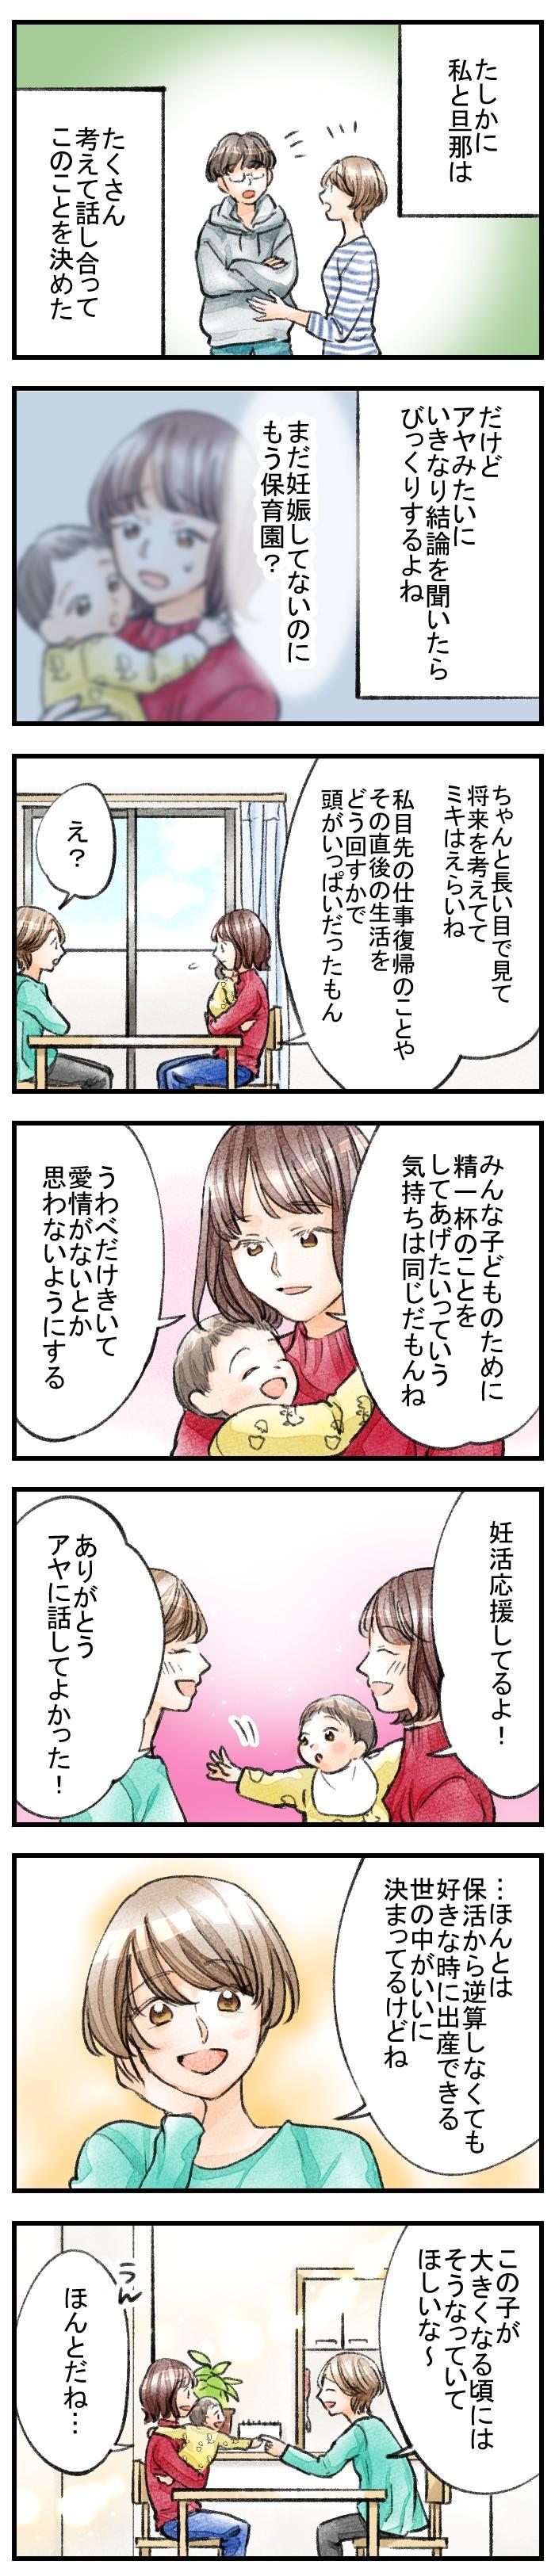 保育園入園時期から逆算して妊活したい。「早期保活」はいけないことなの…?の画像4